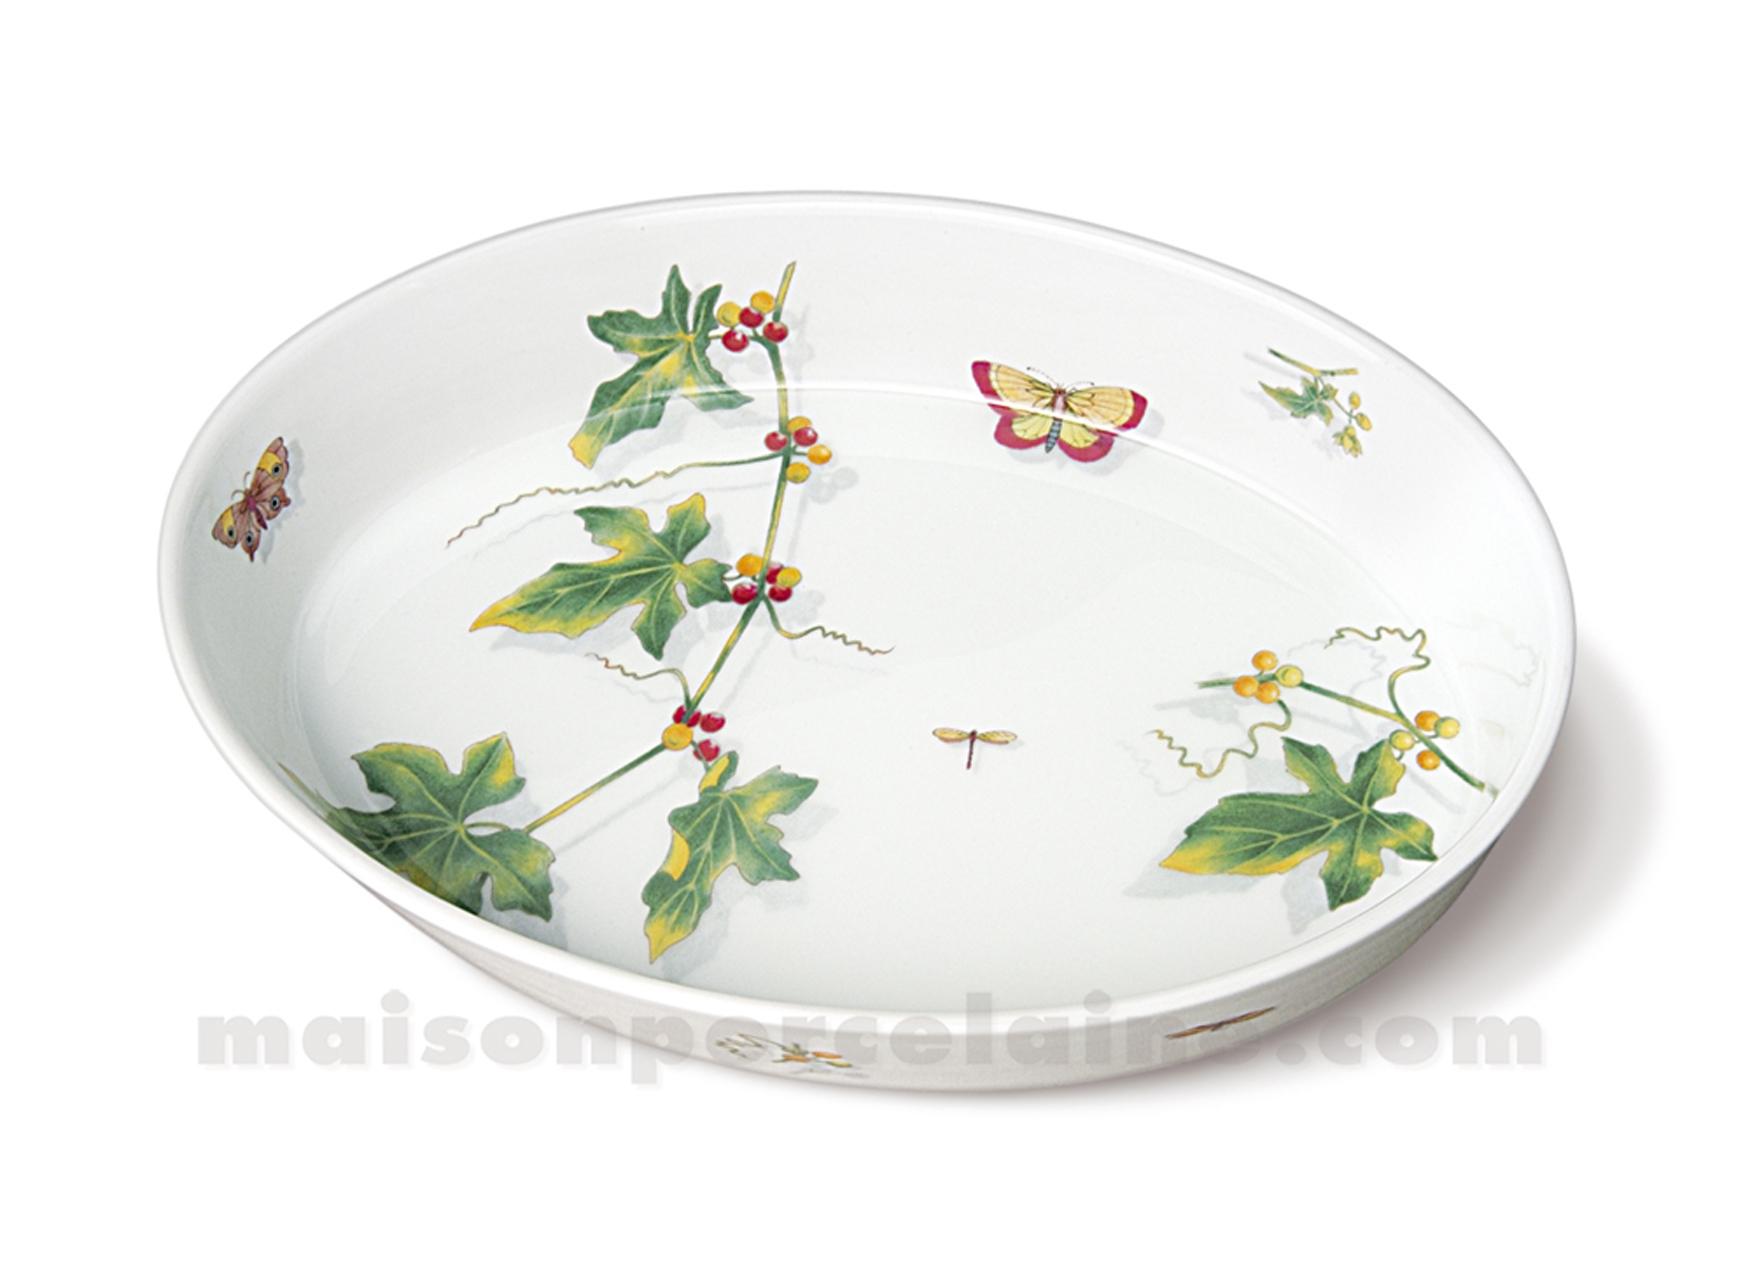 plat ovale sabot gm culinaire 32x23 2l maison de la porcelaine. Black Bedroom Furniture Sets. Home Design Ideas